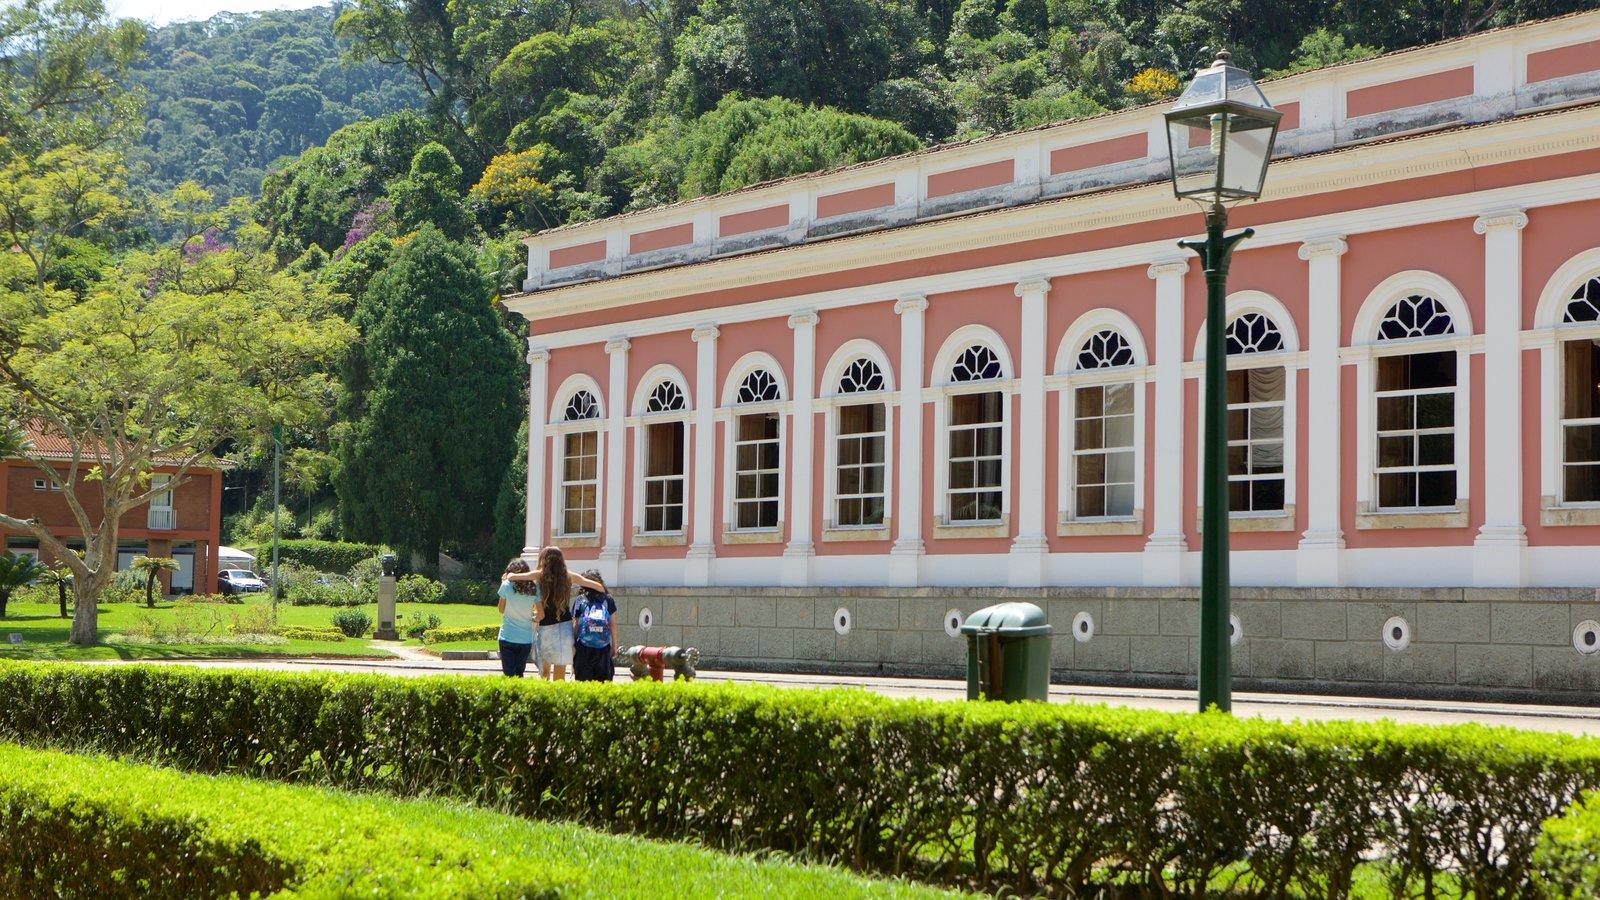 Museu Imperial que inclui cenas de rua